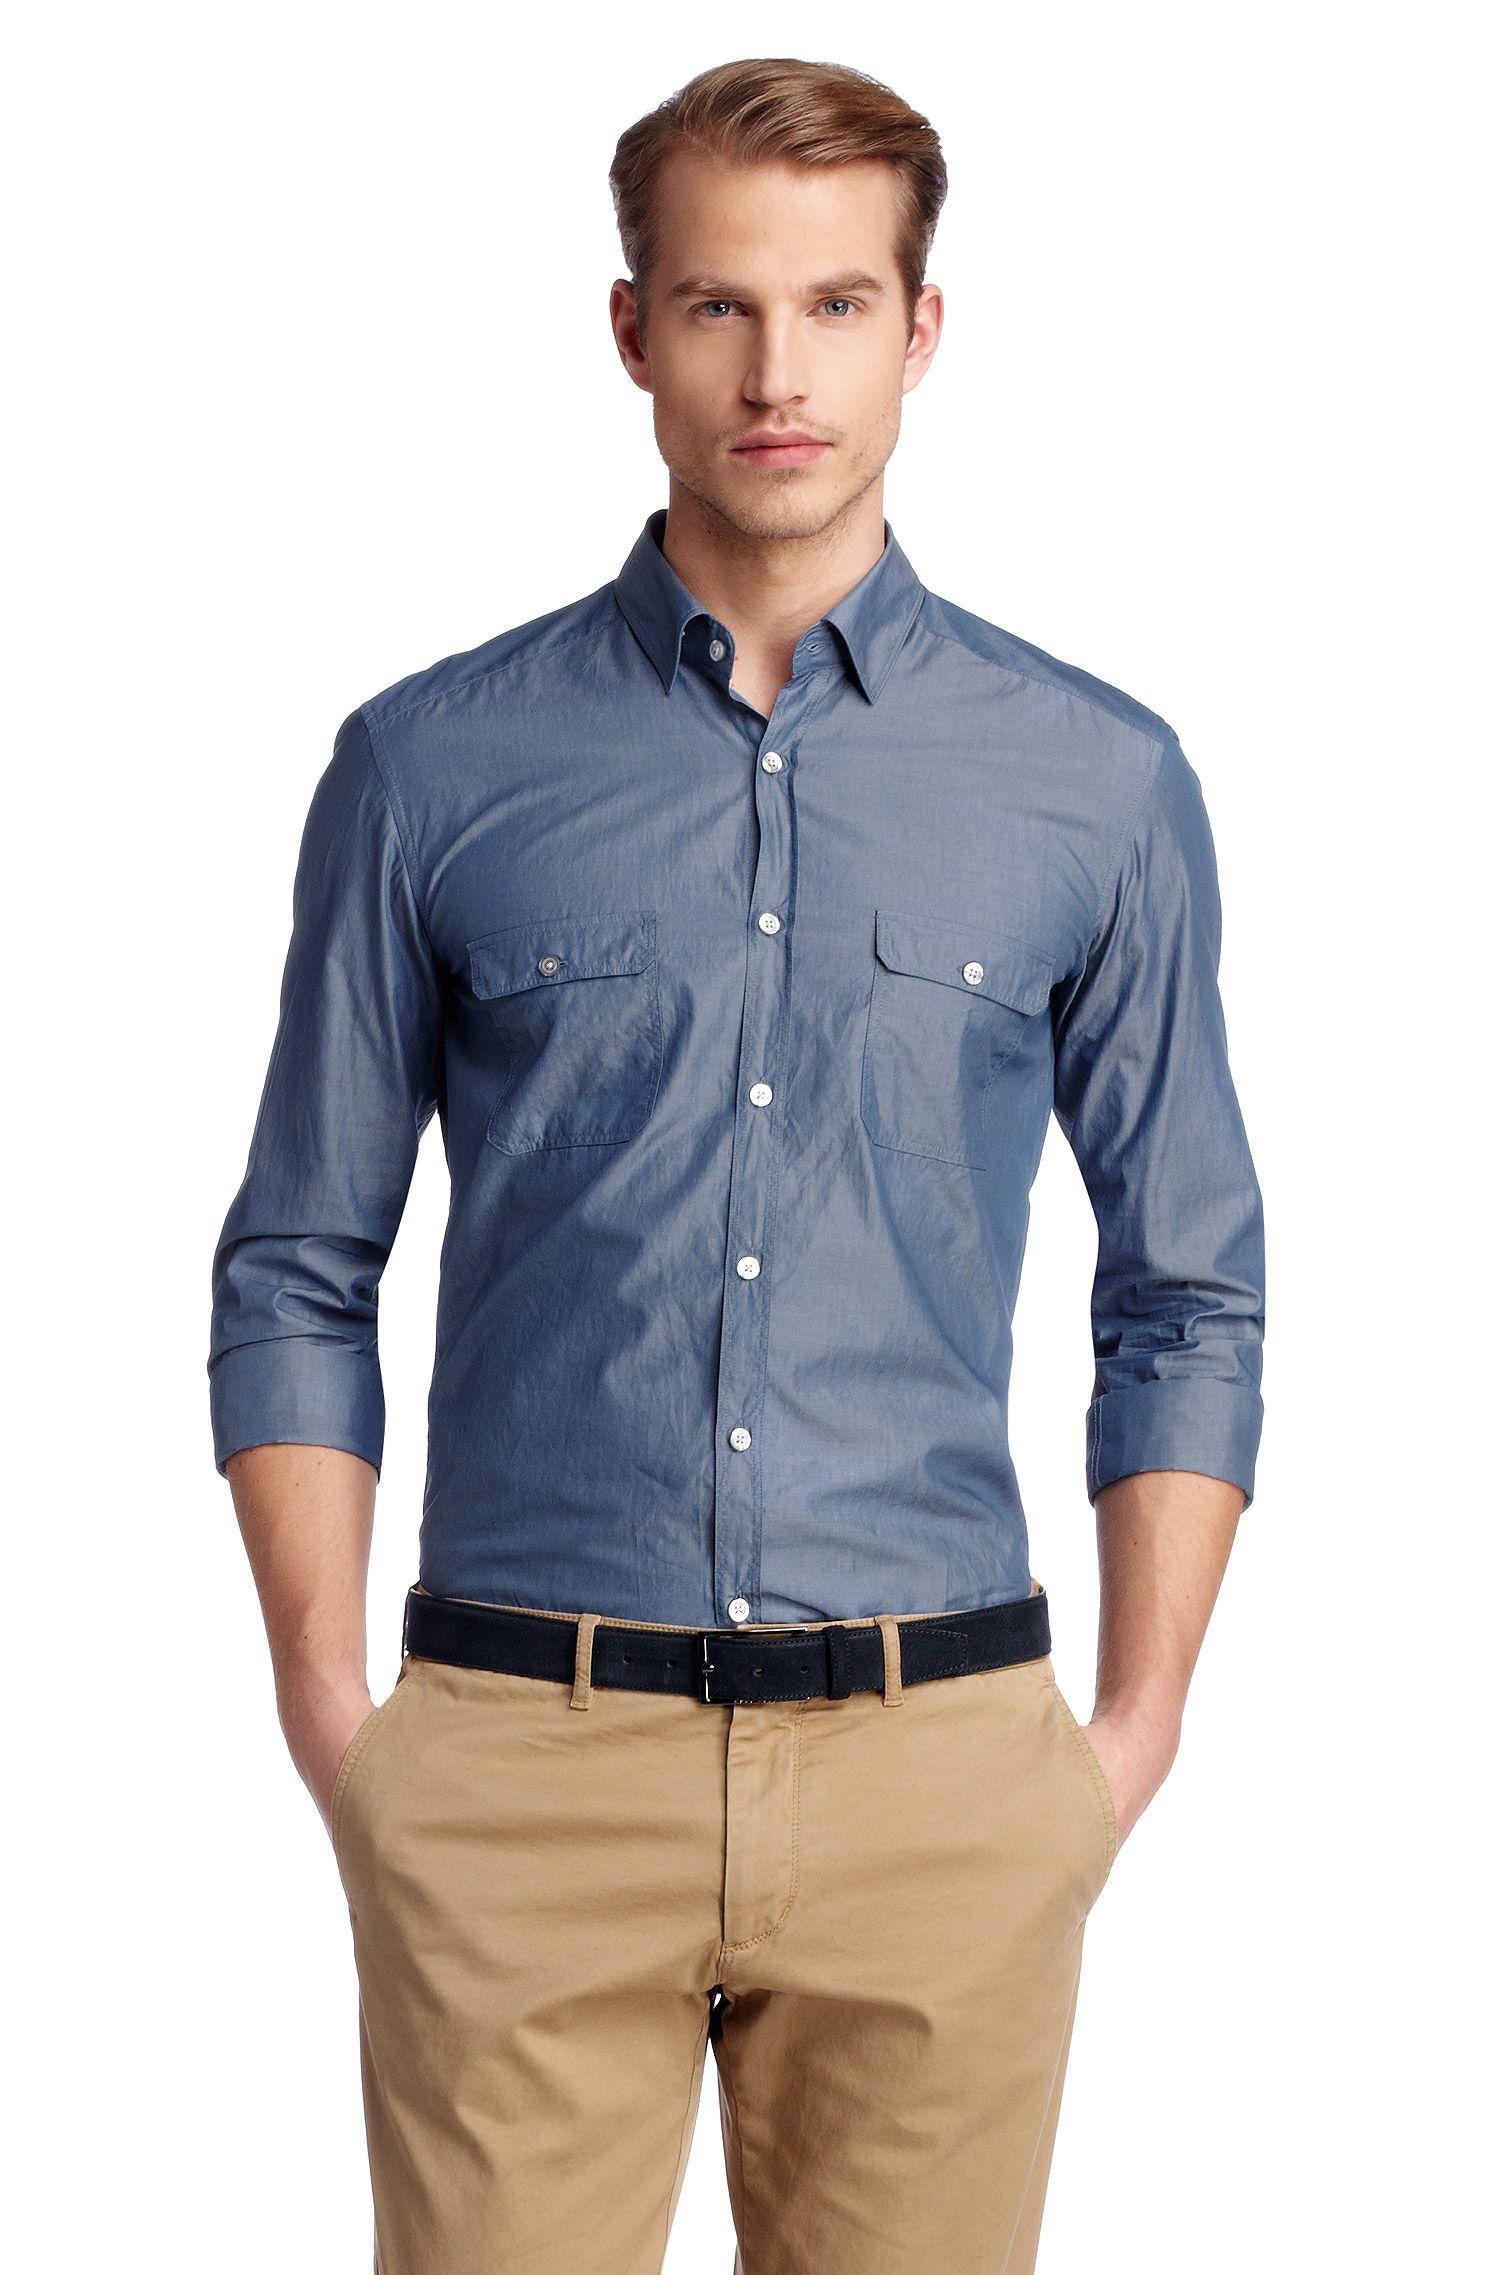 Freizeit-Hemd ´Li` mit zwei Pattentaschen